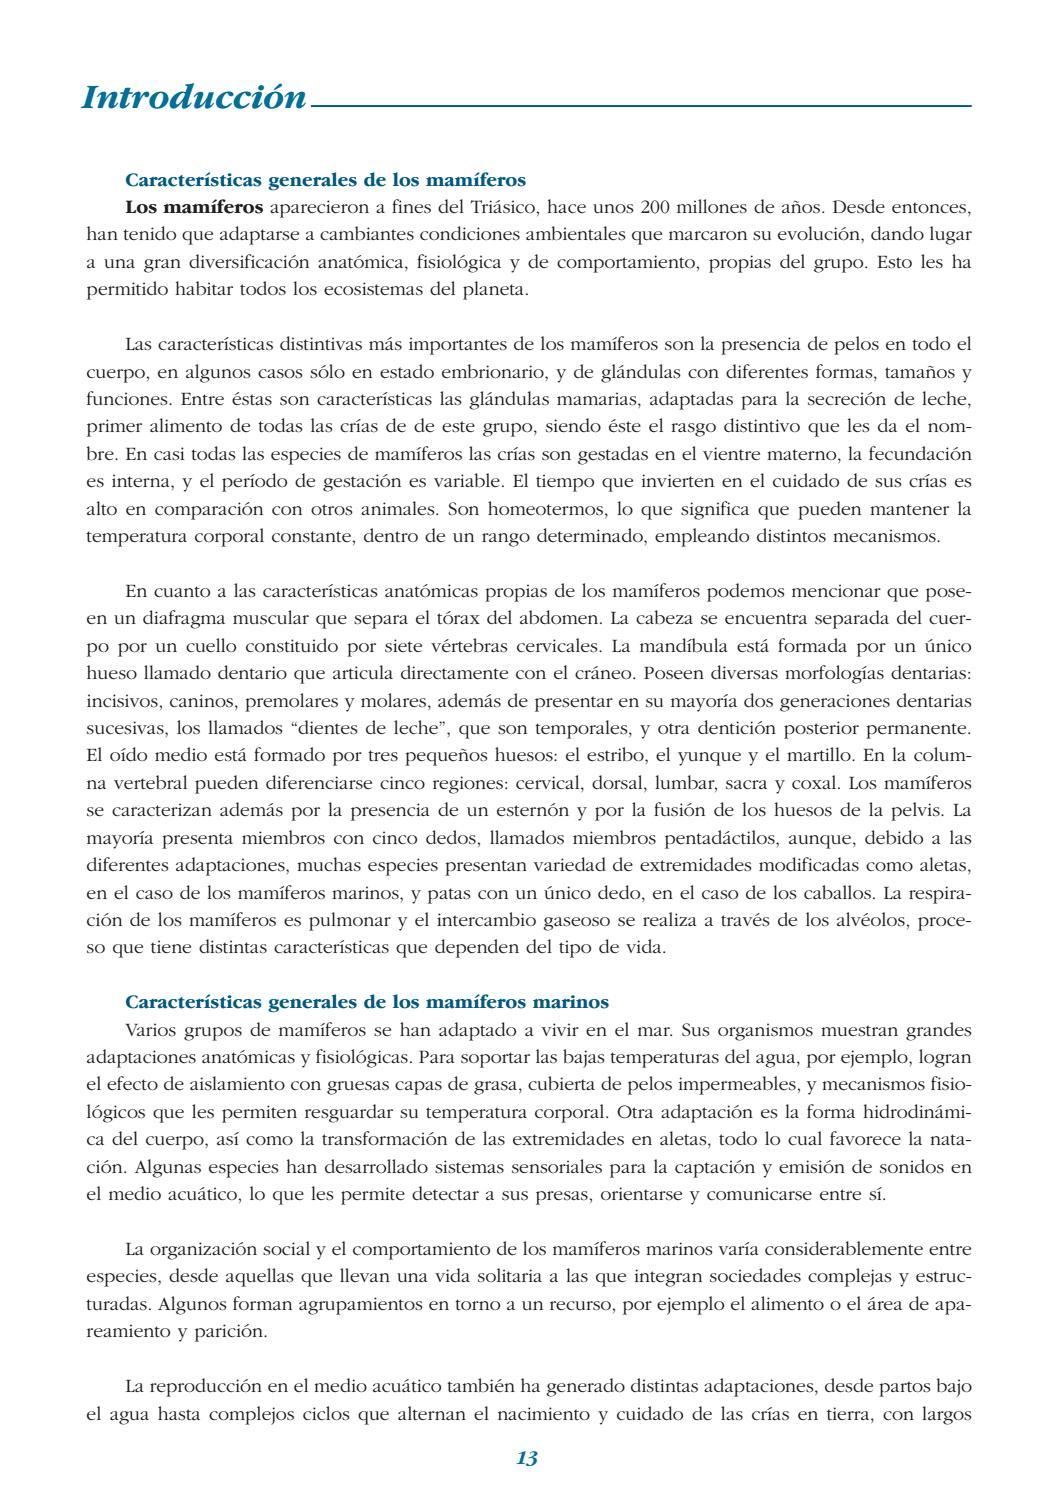 Caleta de cara al mar: LIBRO MAMÍFEROS MARINOS